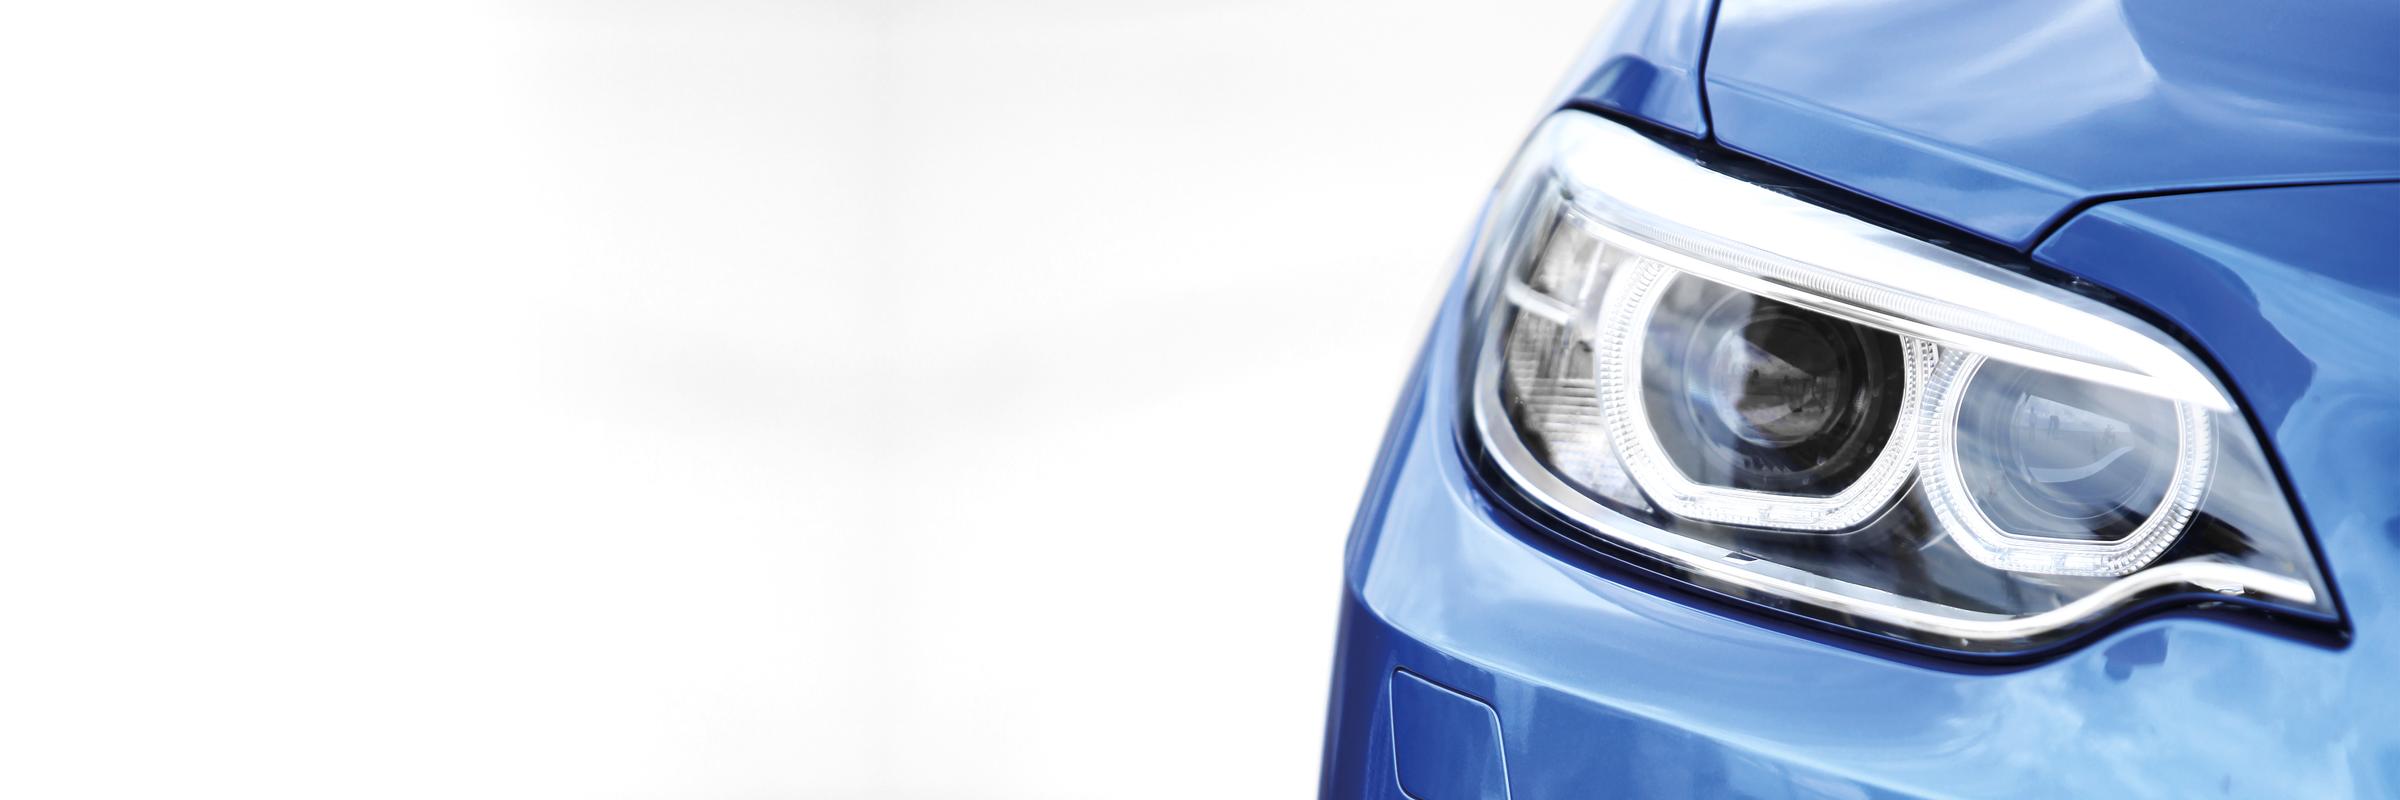 Automotive - LED Lighting